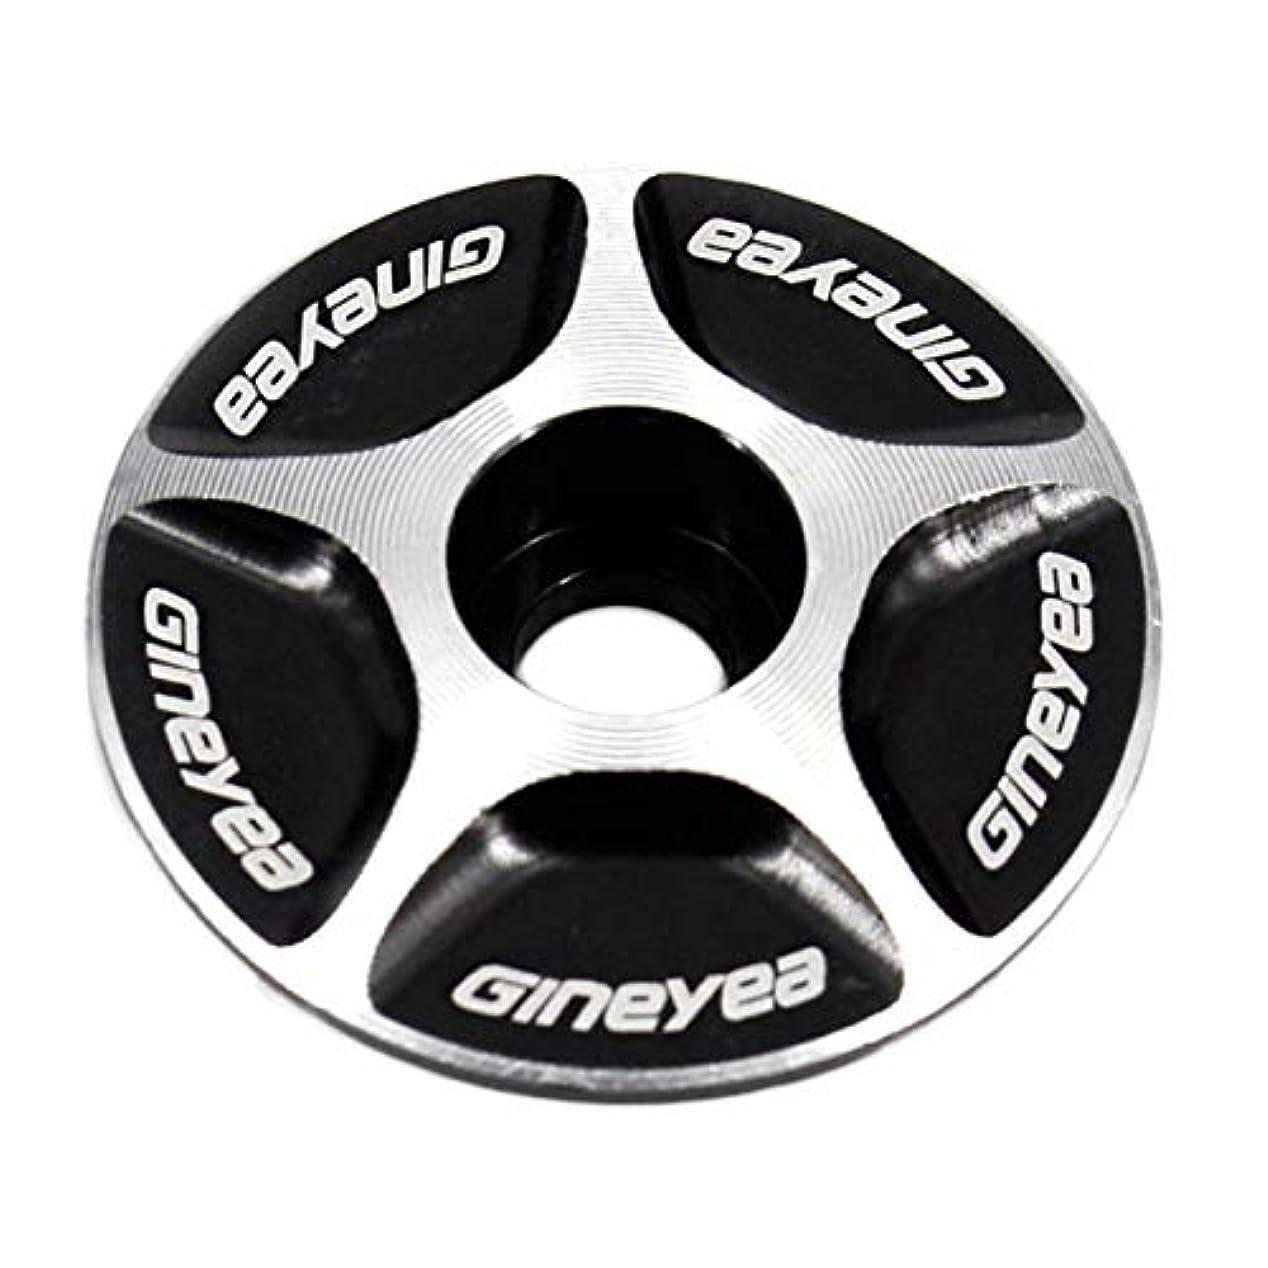 居住者アフリカ毎年DeeploveUU アルミスレッドレス1 / 1-1 / 8ロードMTB自転車ステムアクセサリーBici自転車サイクリングヘッドセットトップキャップカバーnew brand new brand